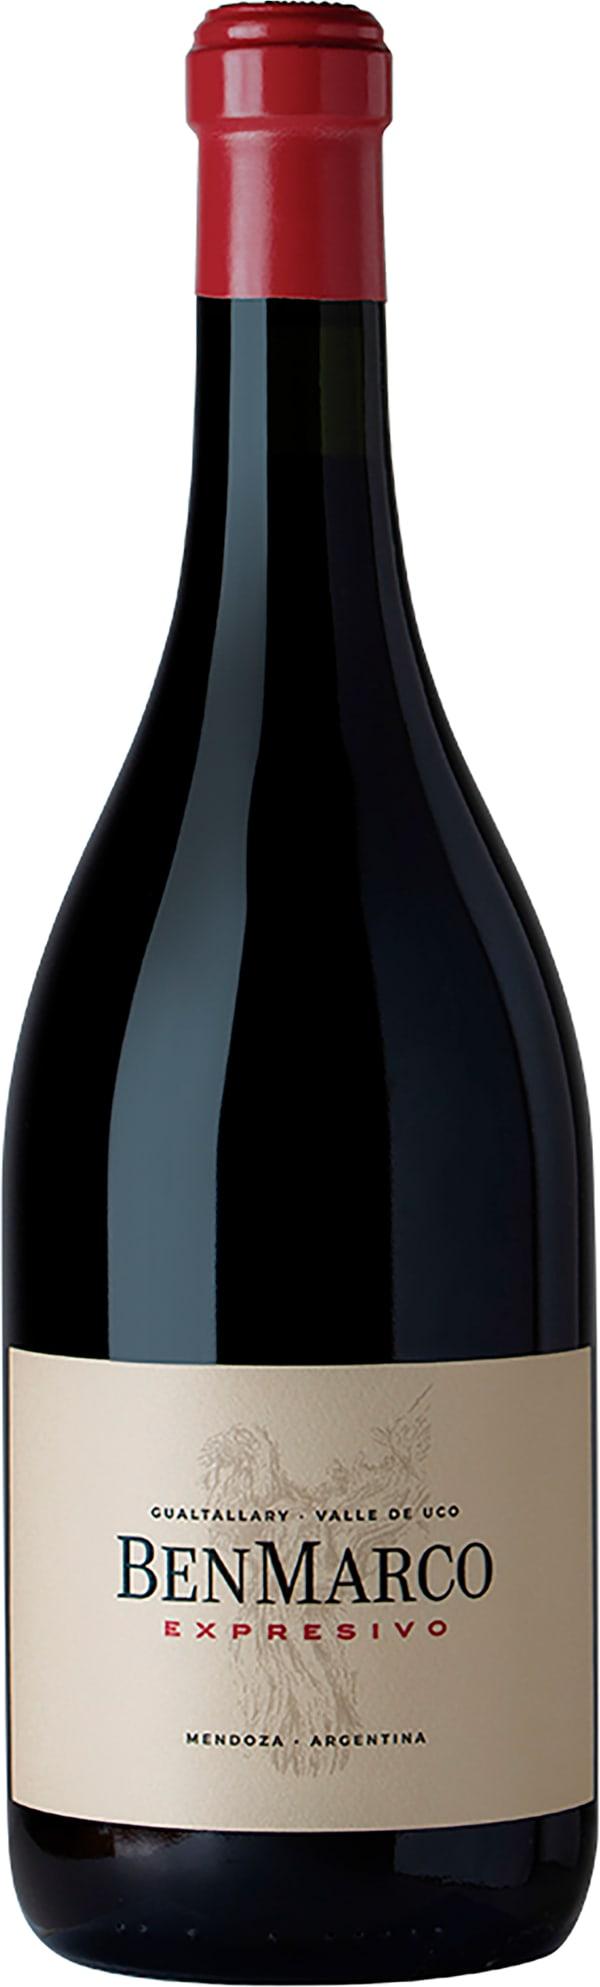 BenMarco Expresivo 2017